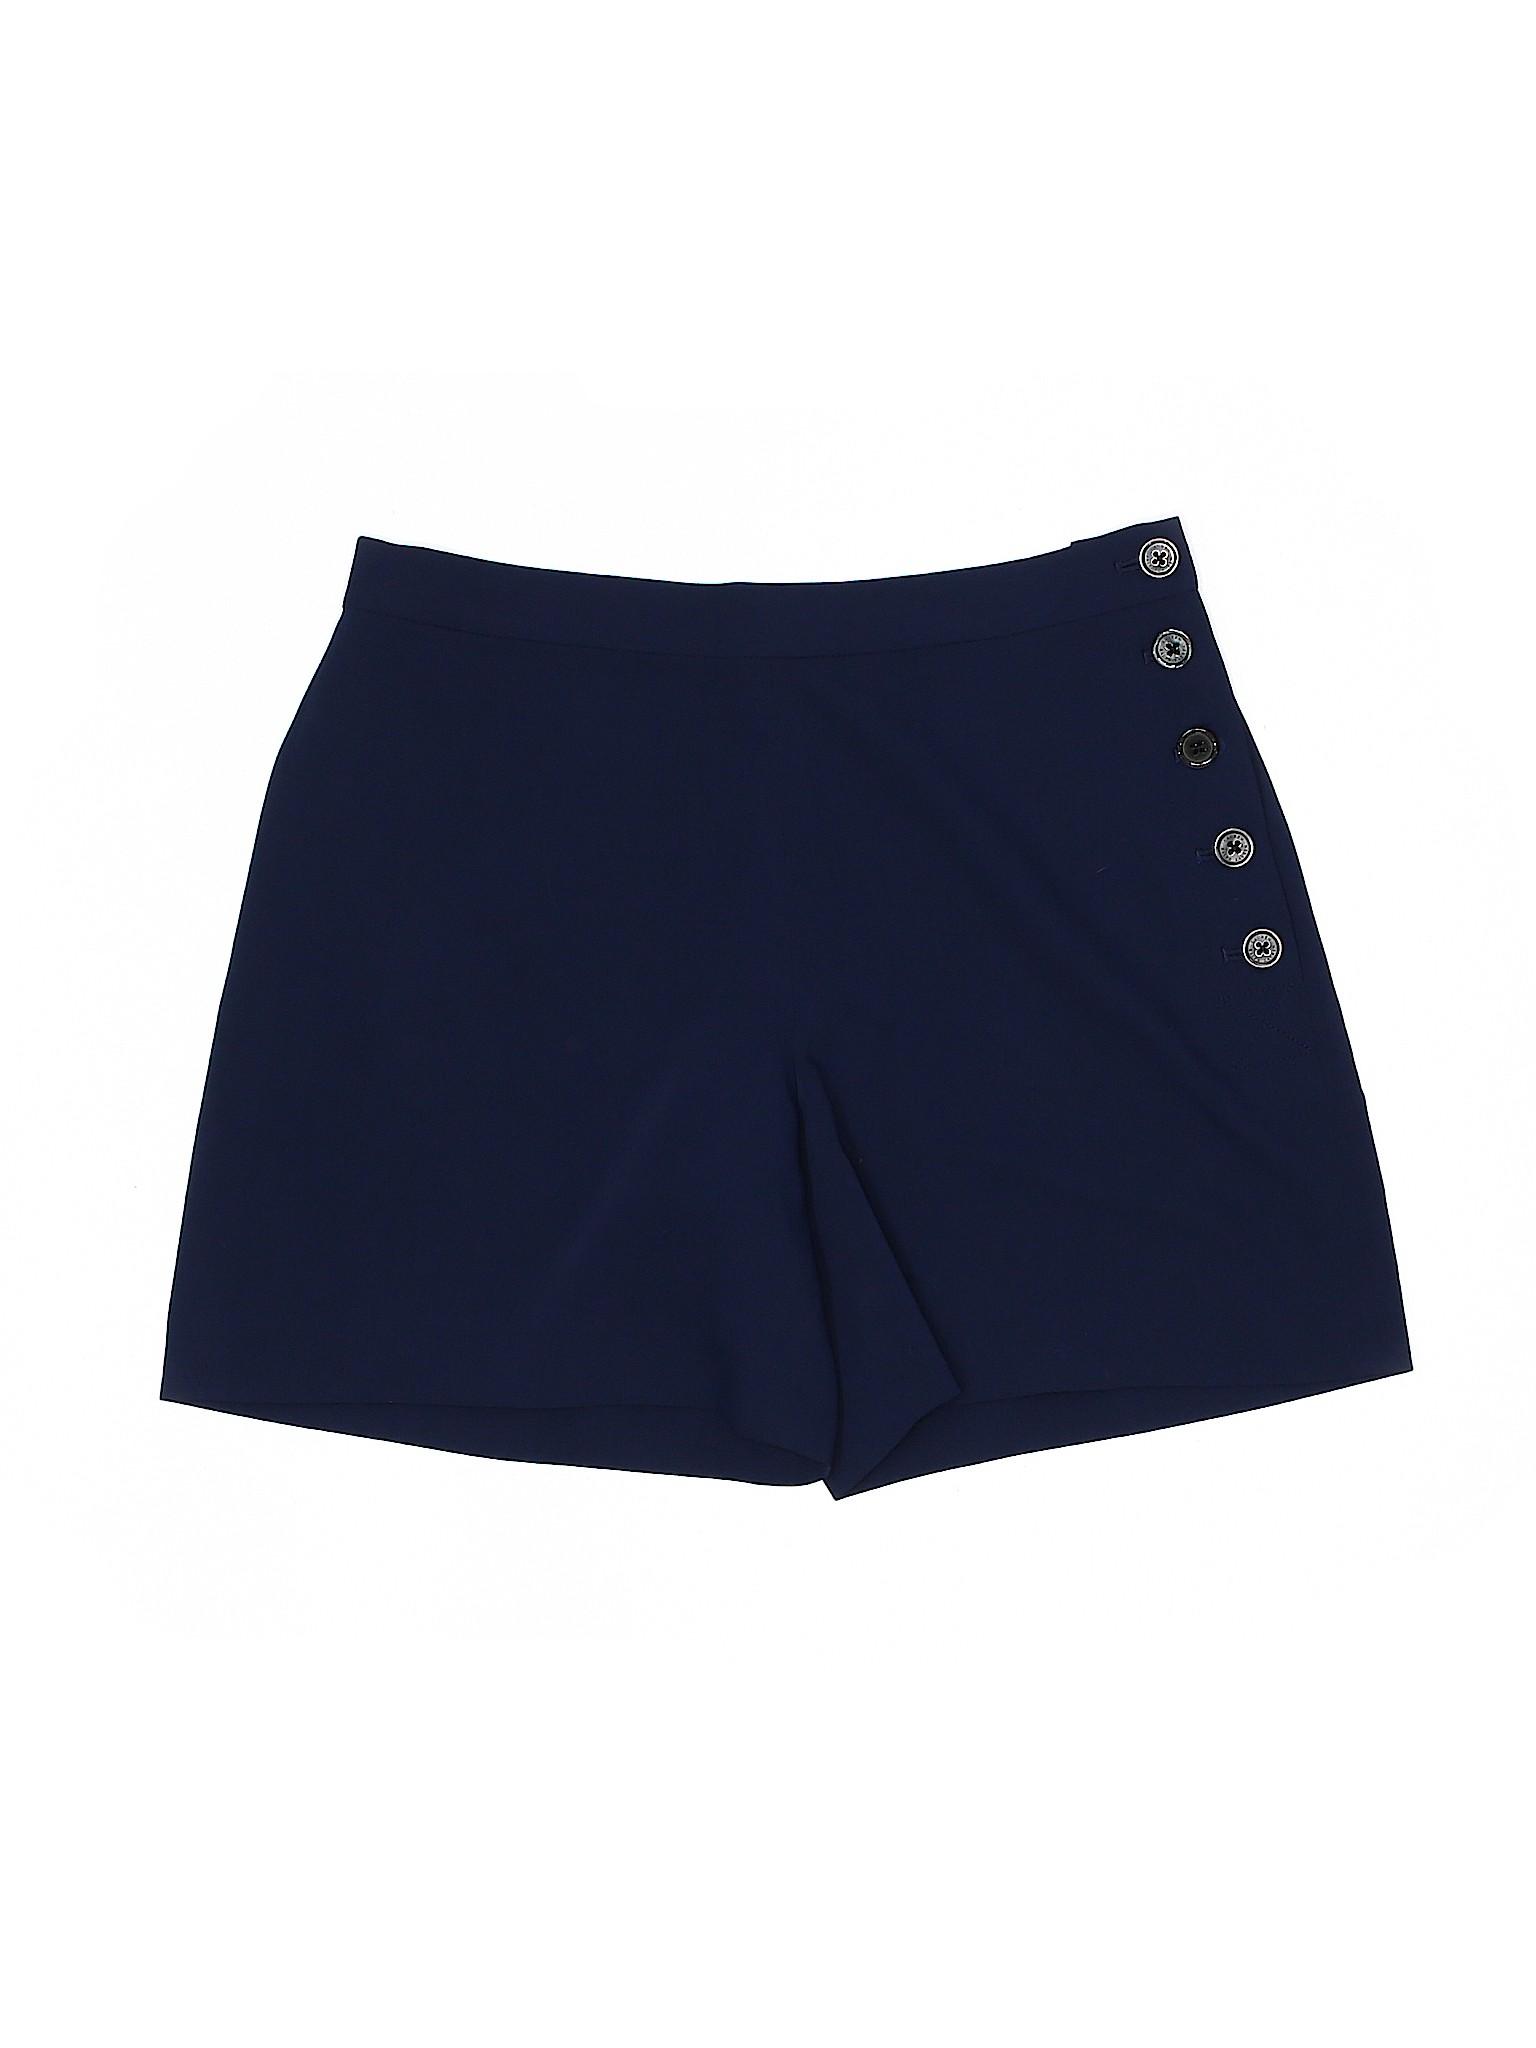 Lauren Lauren leisure by Shorts Boutique Ralph Dressy WT1S4Uqnz